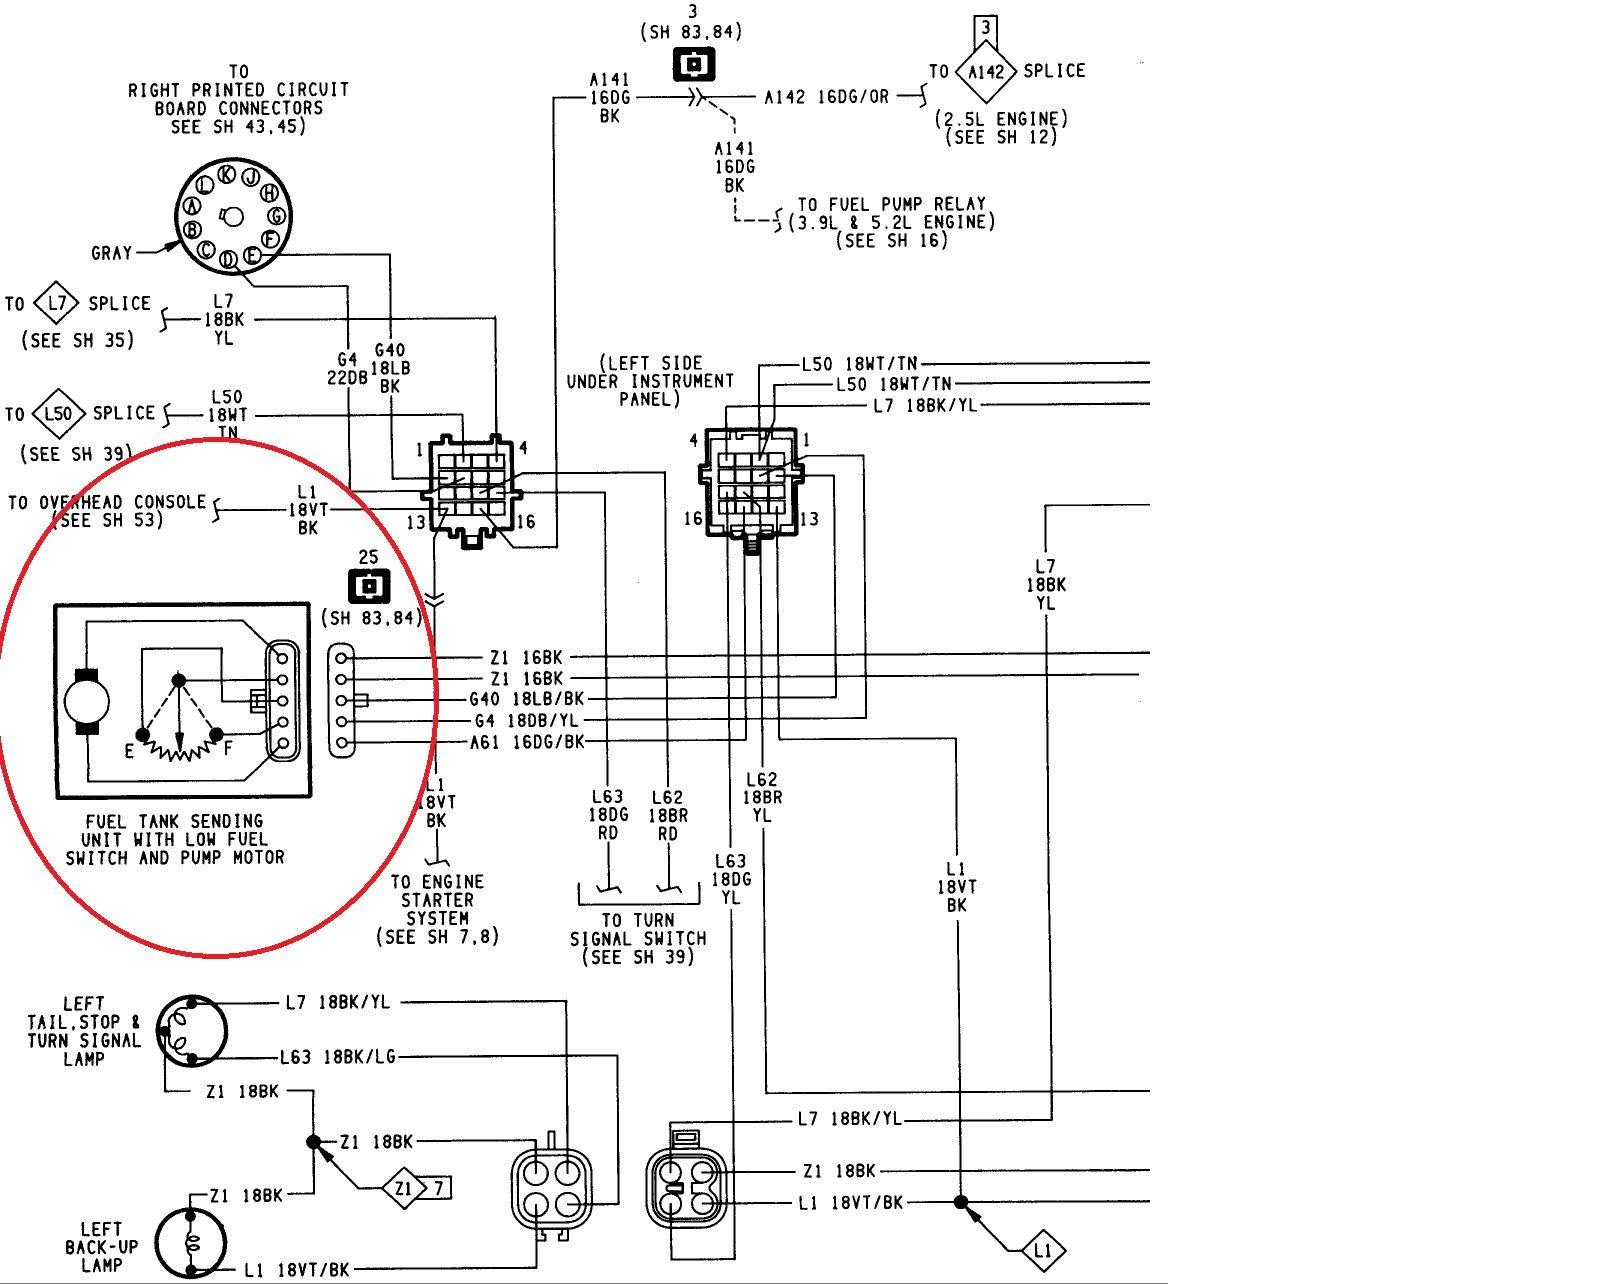 Wiring Diagrams For 2014 Ram 1500 In 2021 Diagram Dodge Dakota Dodge Ram 1500